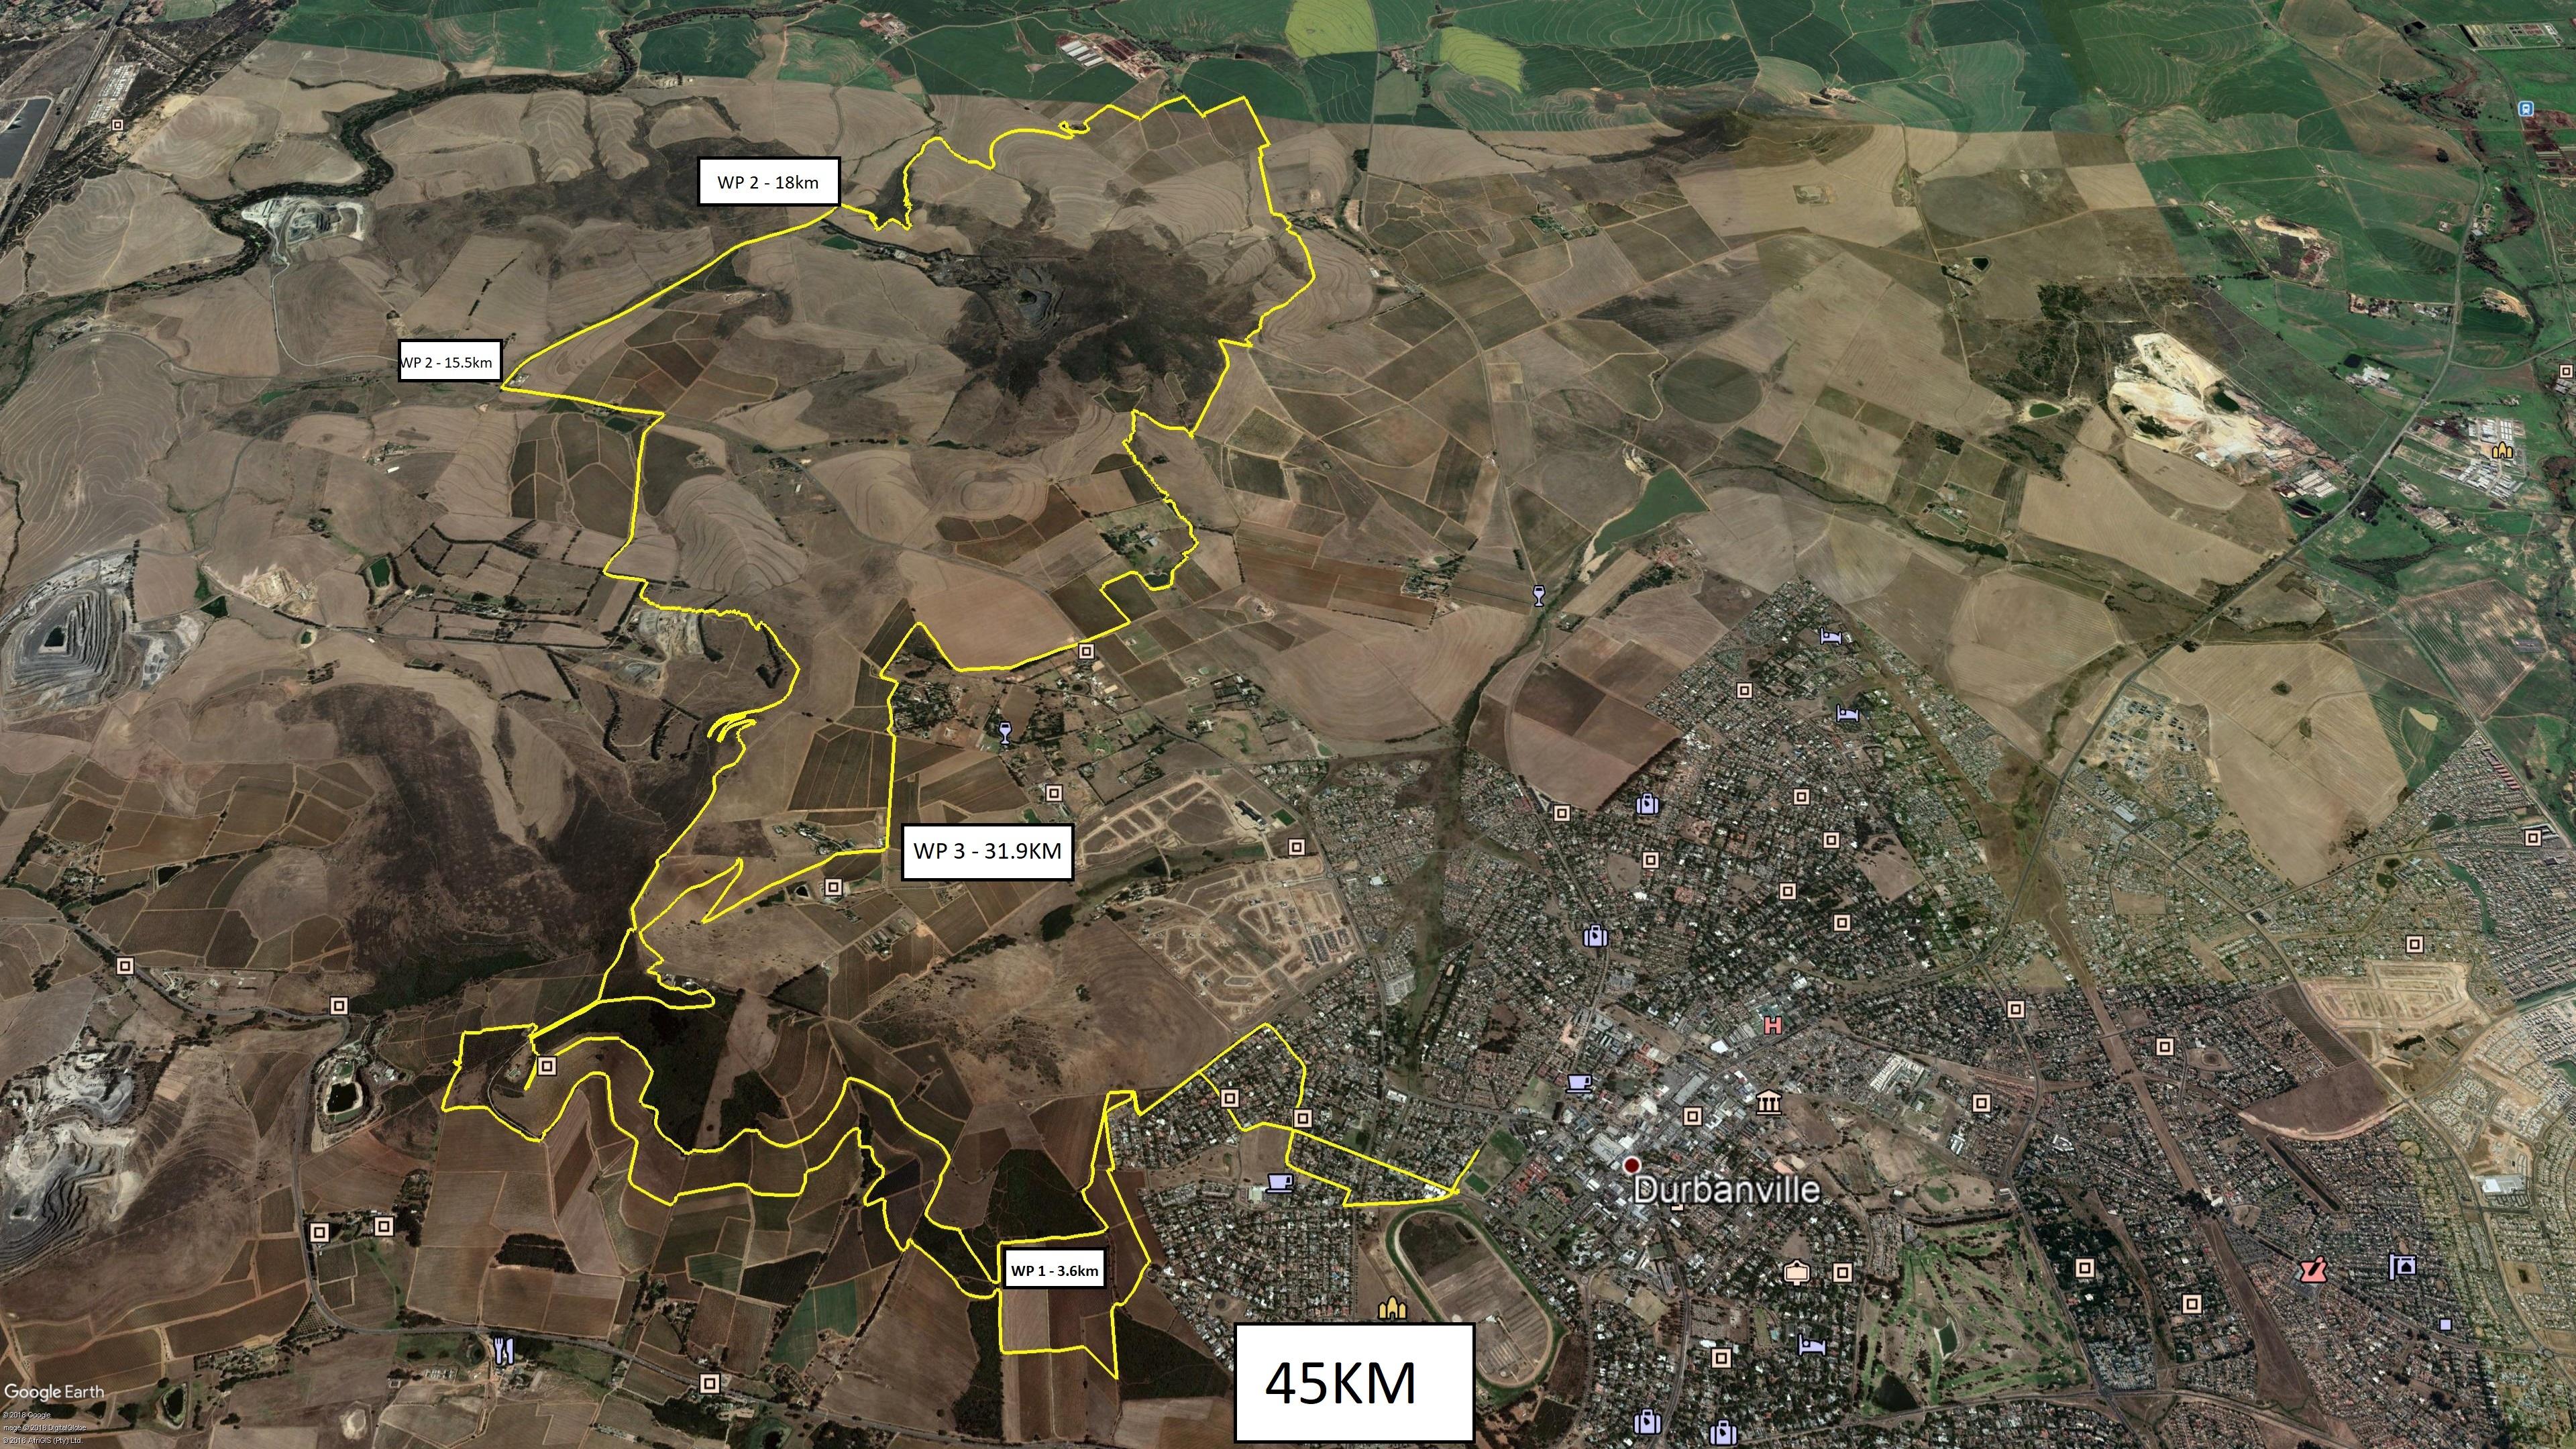 MTB 45km New 2